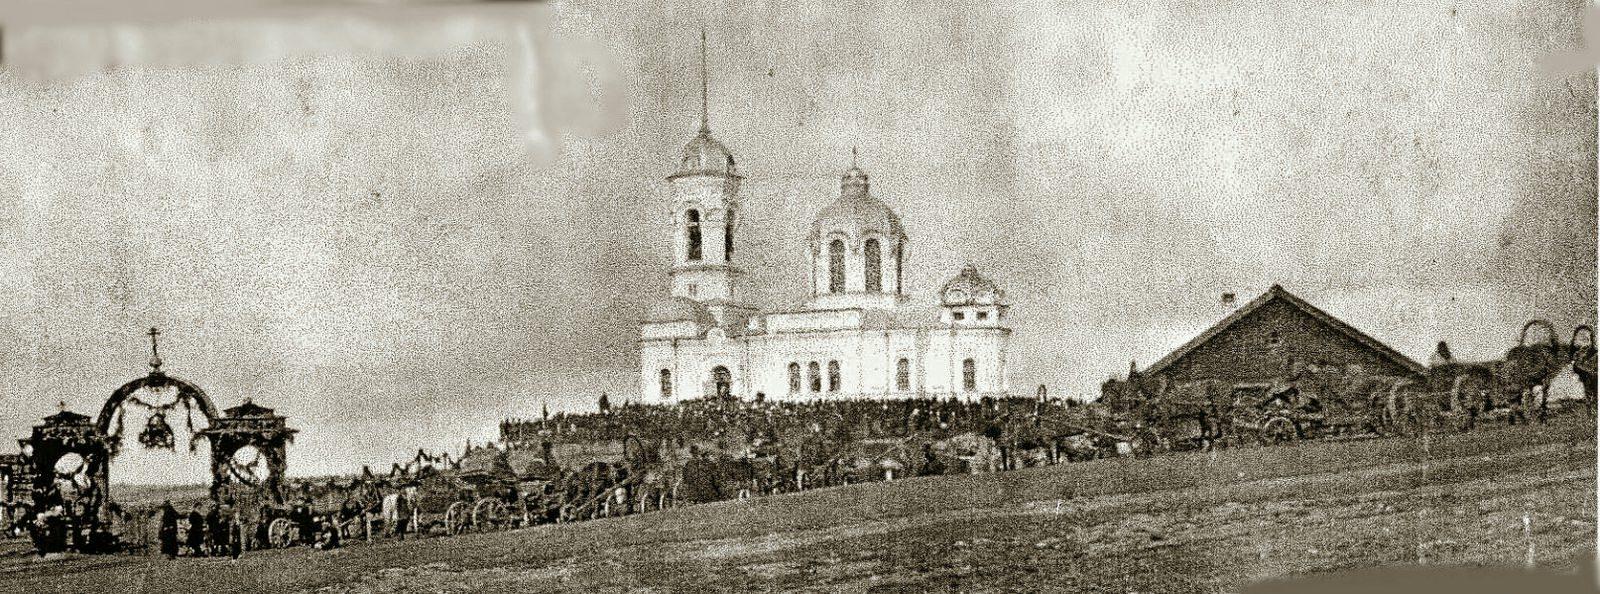 Освящение Иоанно-Предтеченской церкви в Реже. Осень 1902 года